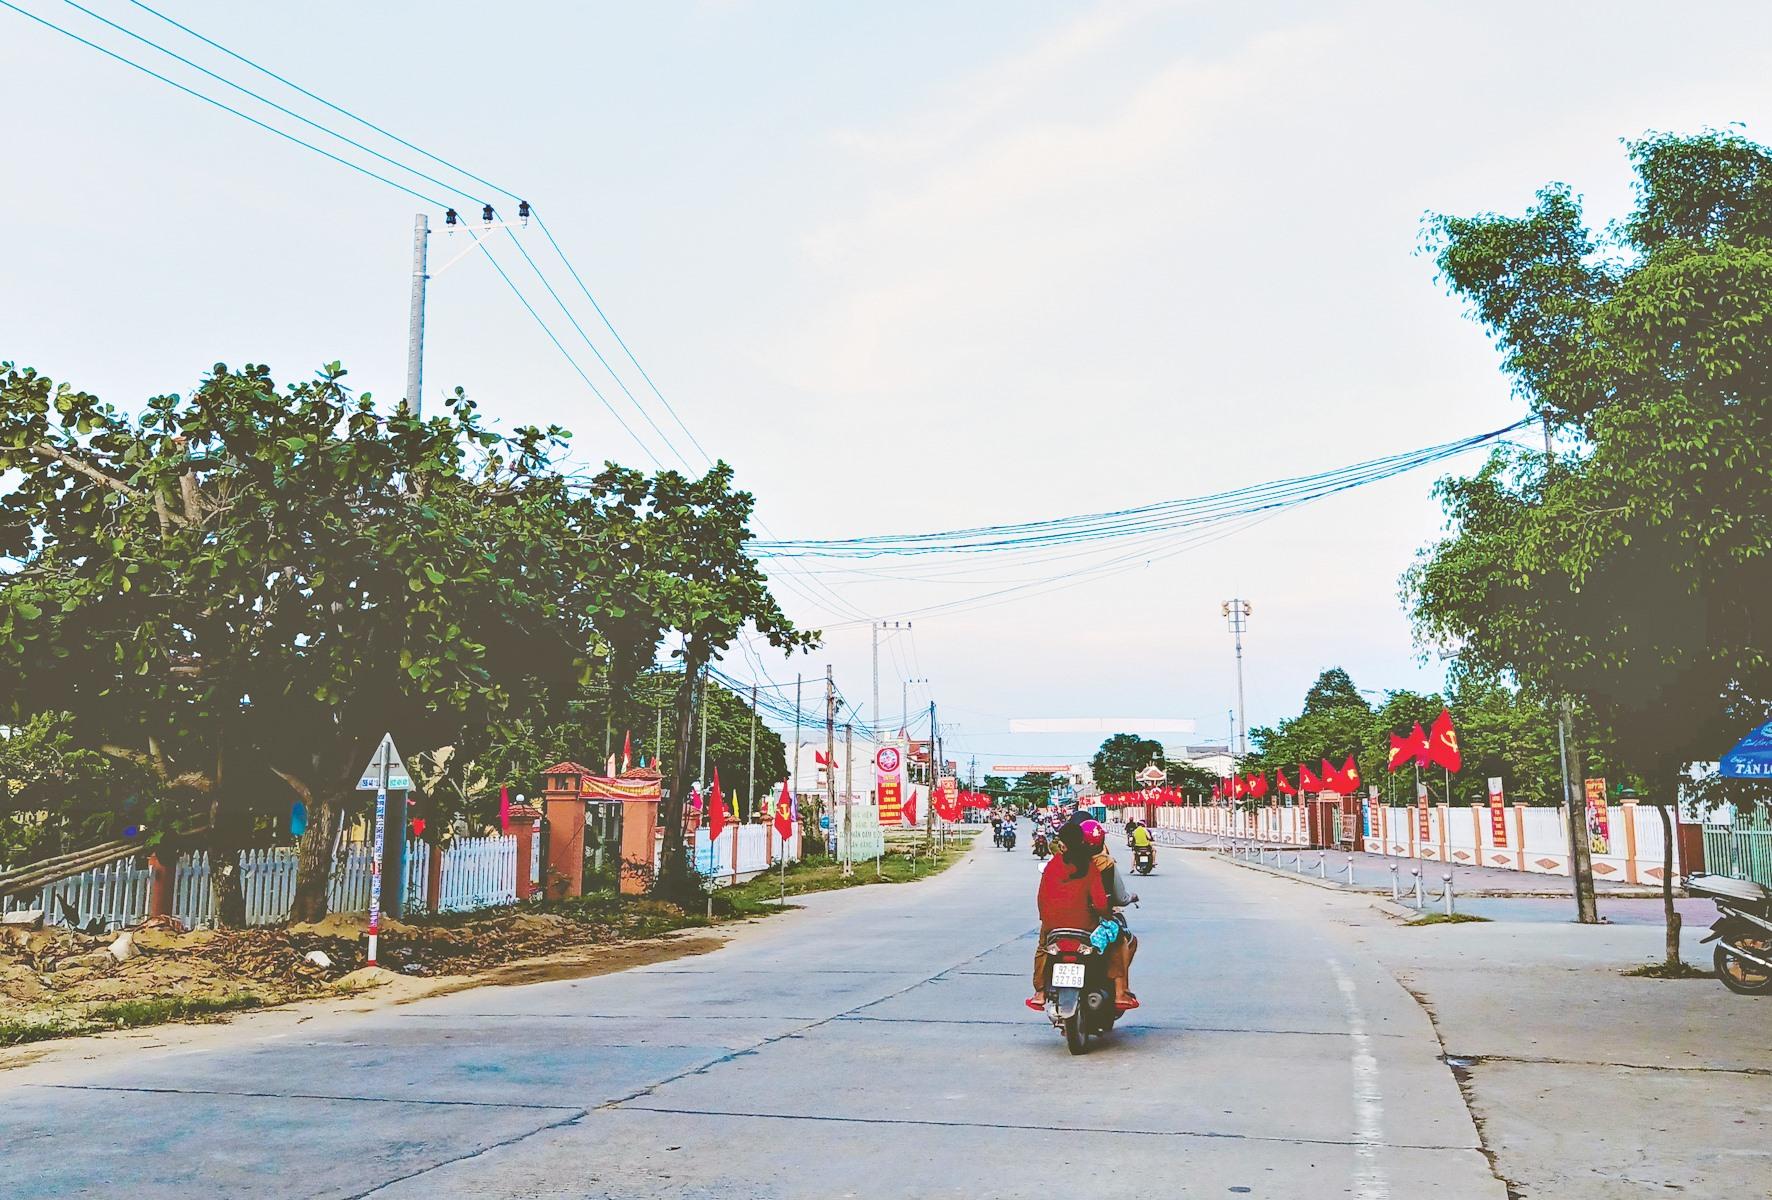 Đại Cường phấn đấu trở thành xã nông thôn mới nâng cao trong nhiệm kỳ 2020 - 2025. Ảnh: HOÀNG LIÊN